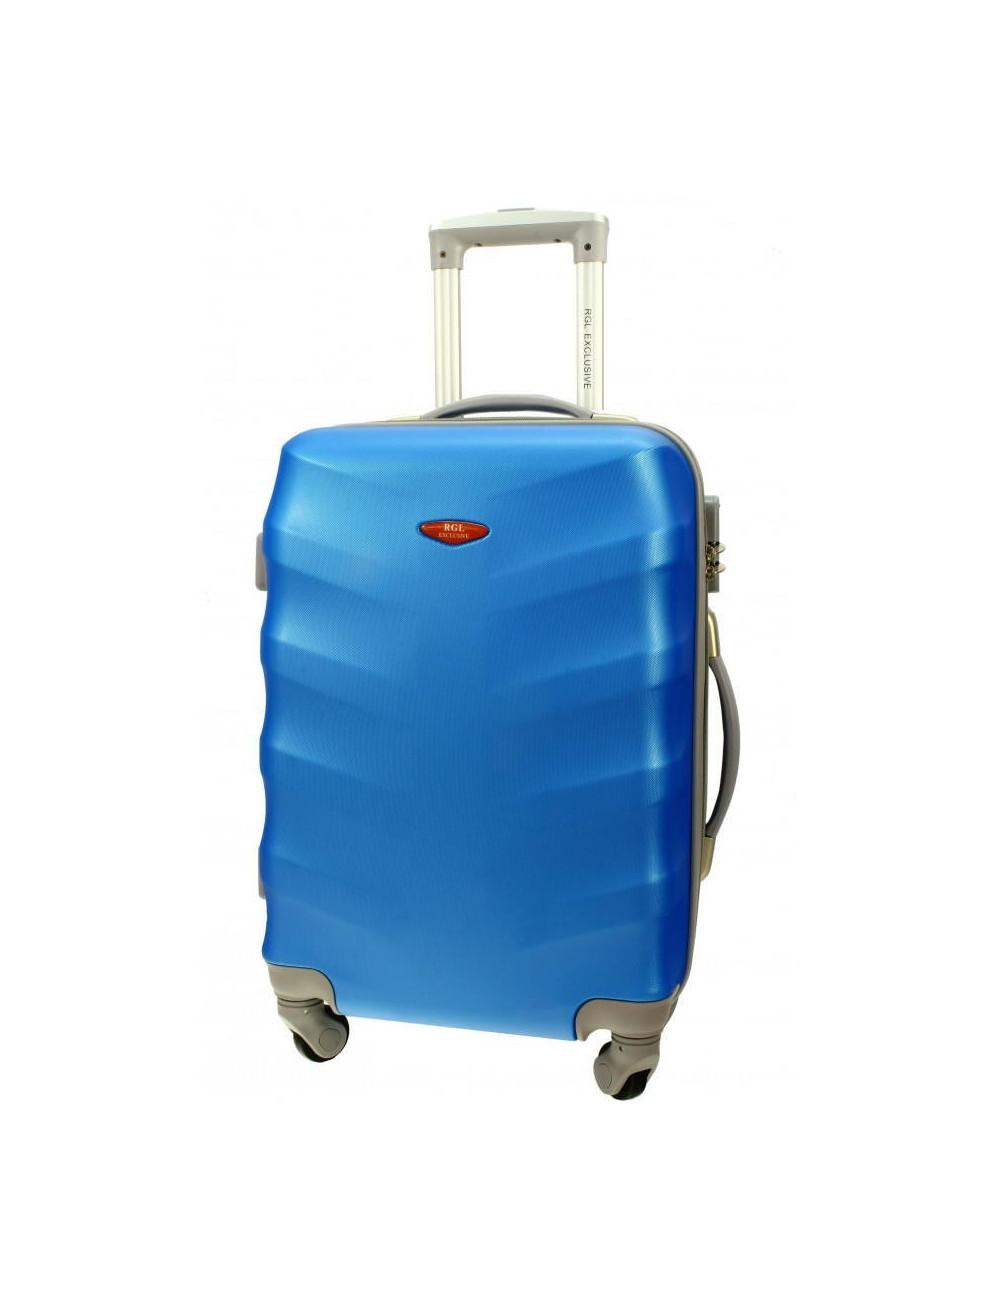 227c87478b34d Walizki i torby podrózne, Bagaże podręczne